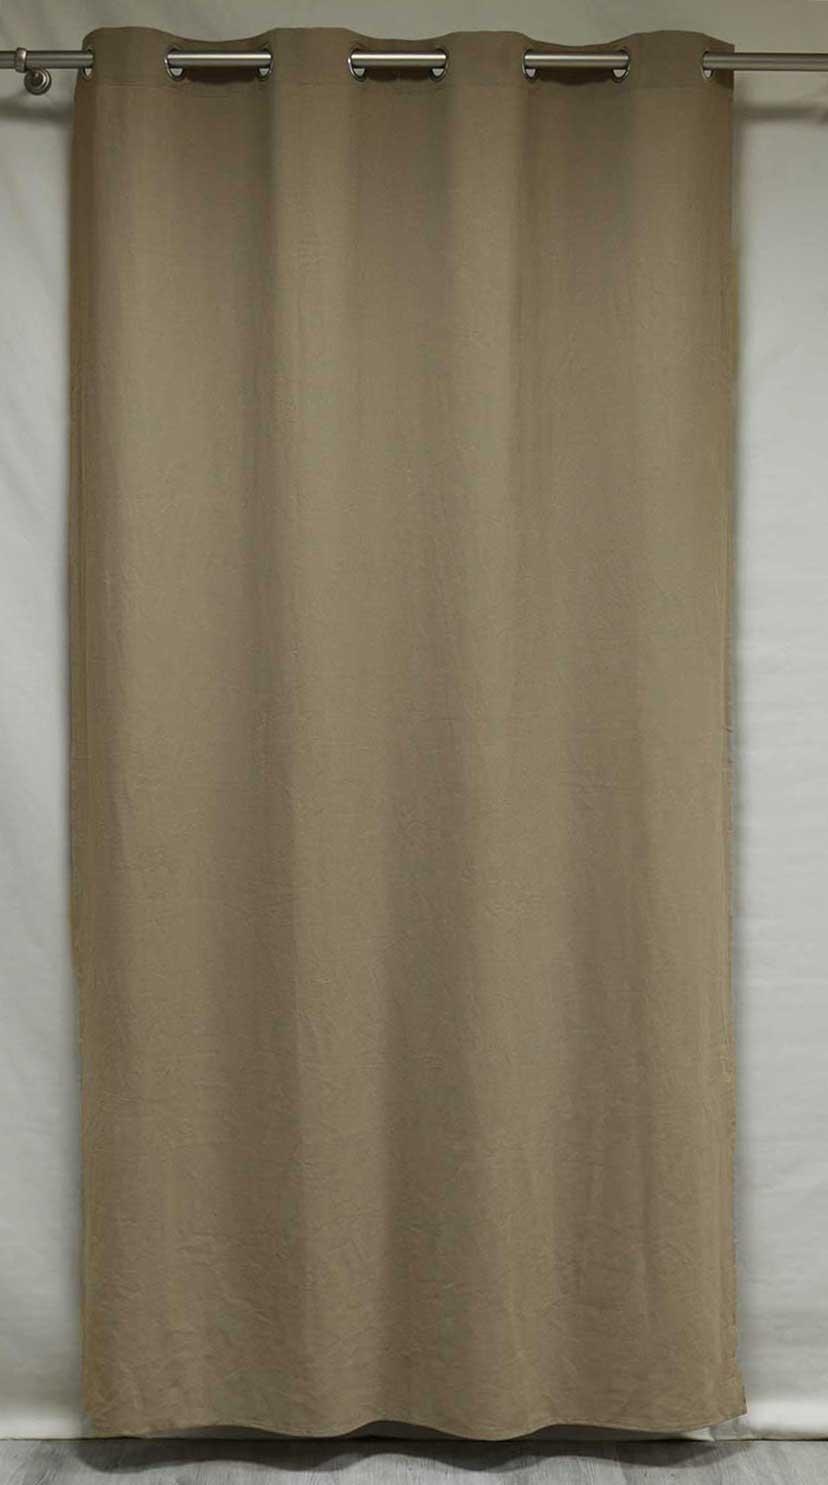 rideau uni en 100 lin epais paille ch ne blanc ivoire homemaison vente en ligne. Black Bedroom Furniture Sets. Home Design Ideas